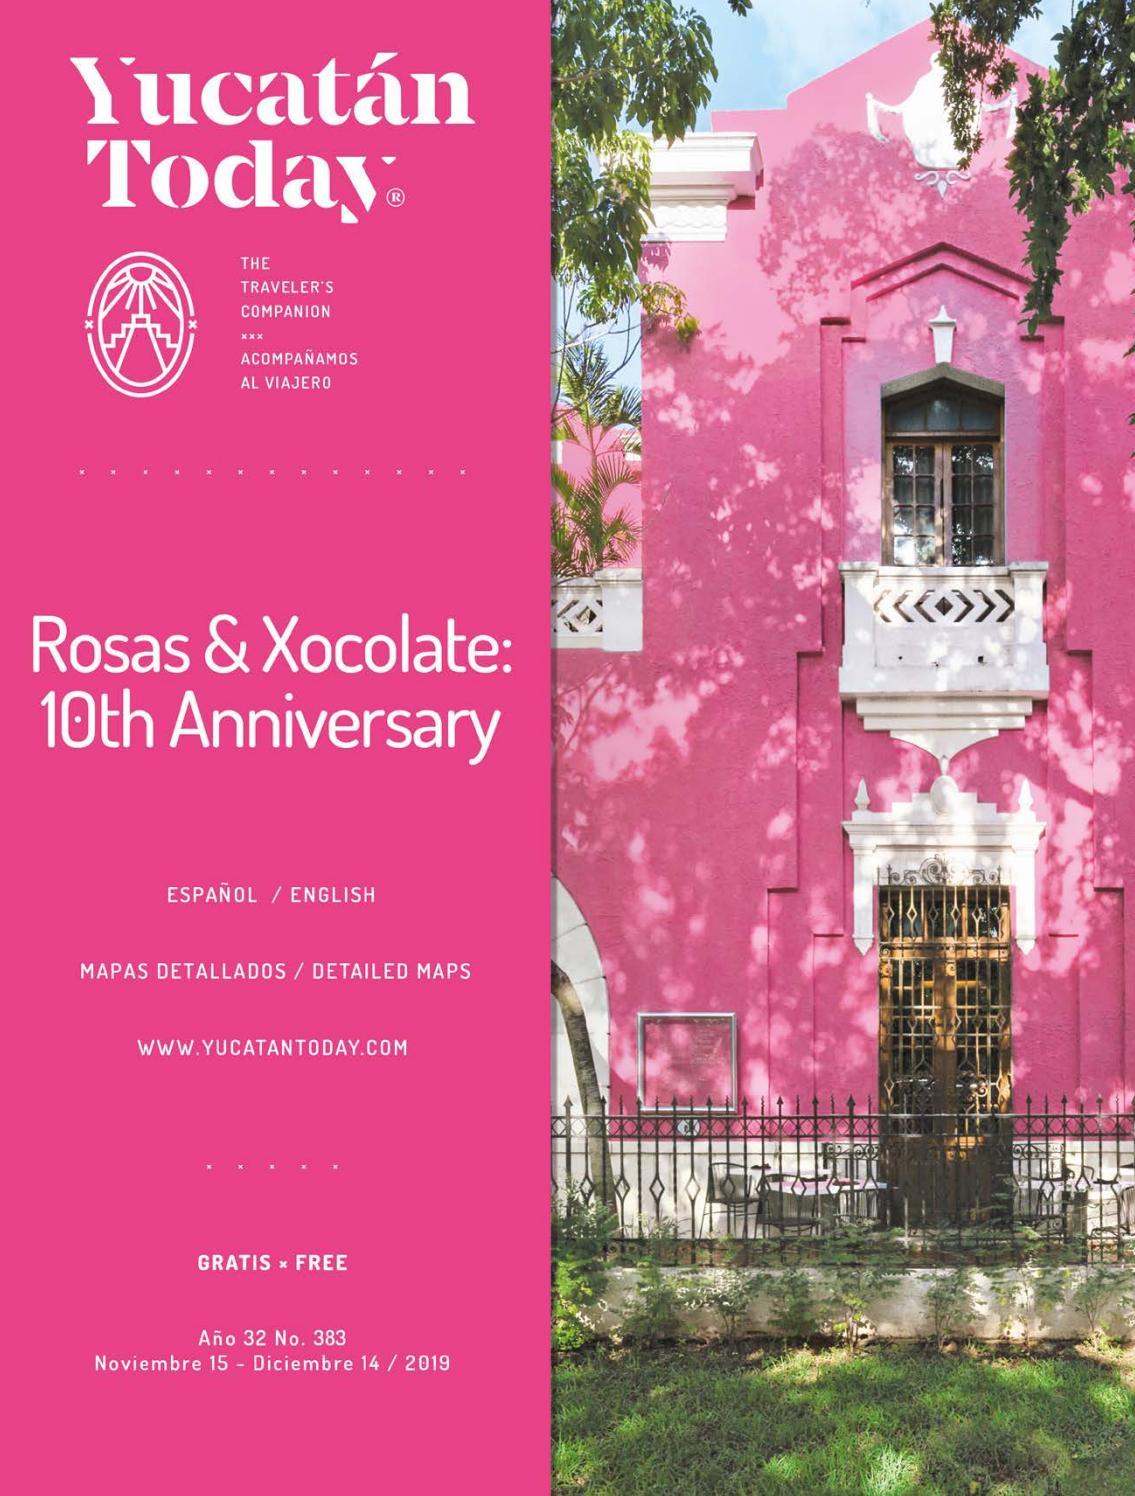 dise/ño de Flores Color Rosa CRS Fur Fabrics Plain Fun Piel sint/ética Tela Material Brillante